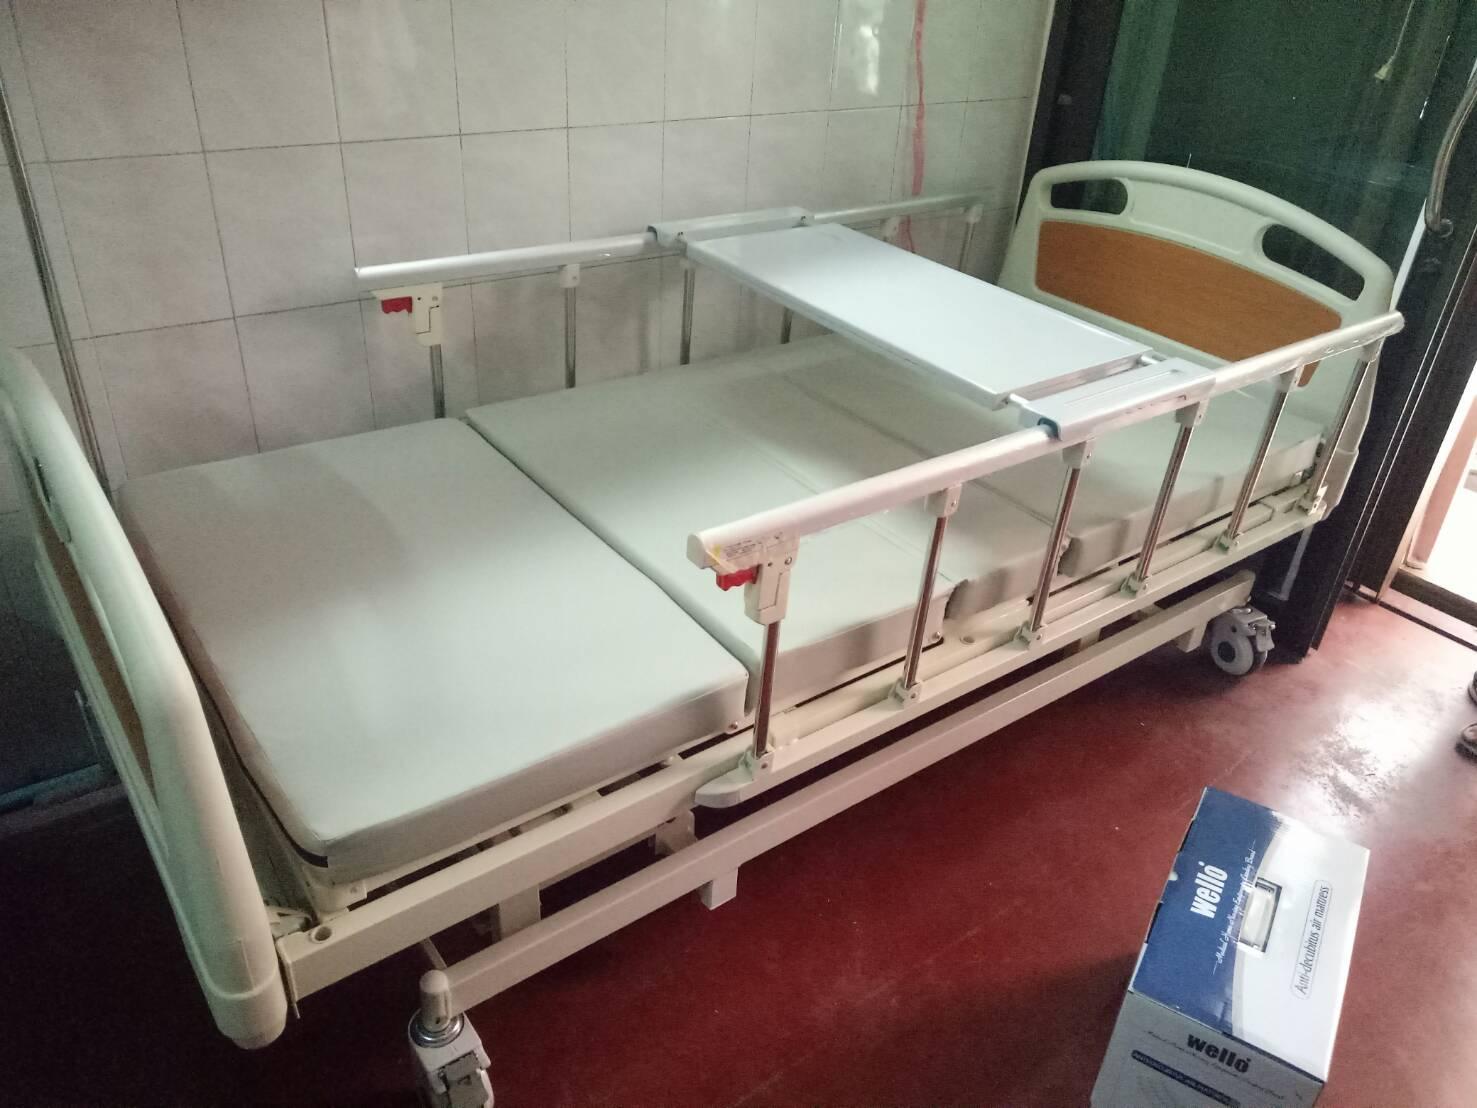 เตียงผู้ป่วย 3 ไกร์ มือหมุน แบบ ABS + เบาะที่นอน 4 ตอน + เสาน้ำเกลือ + ถาดวางอาหาร รหัส MEA04